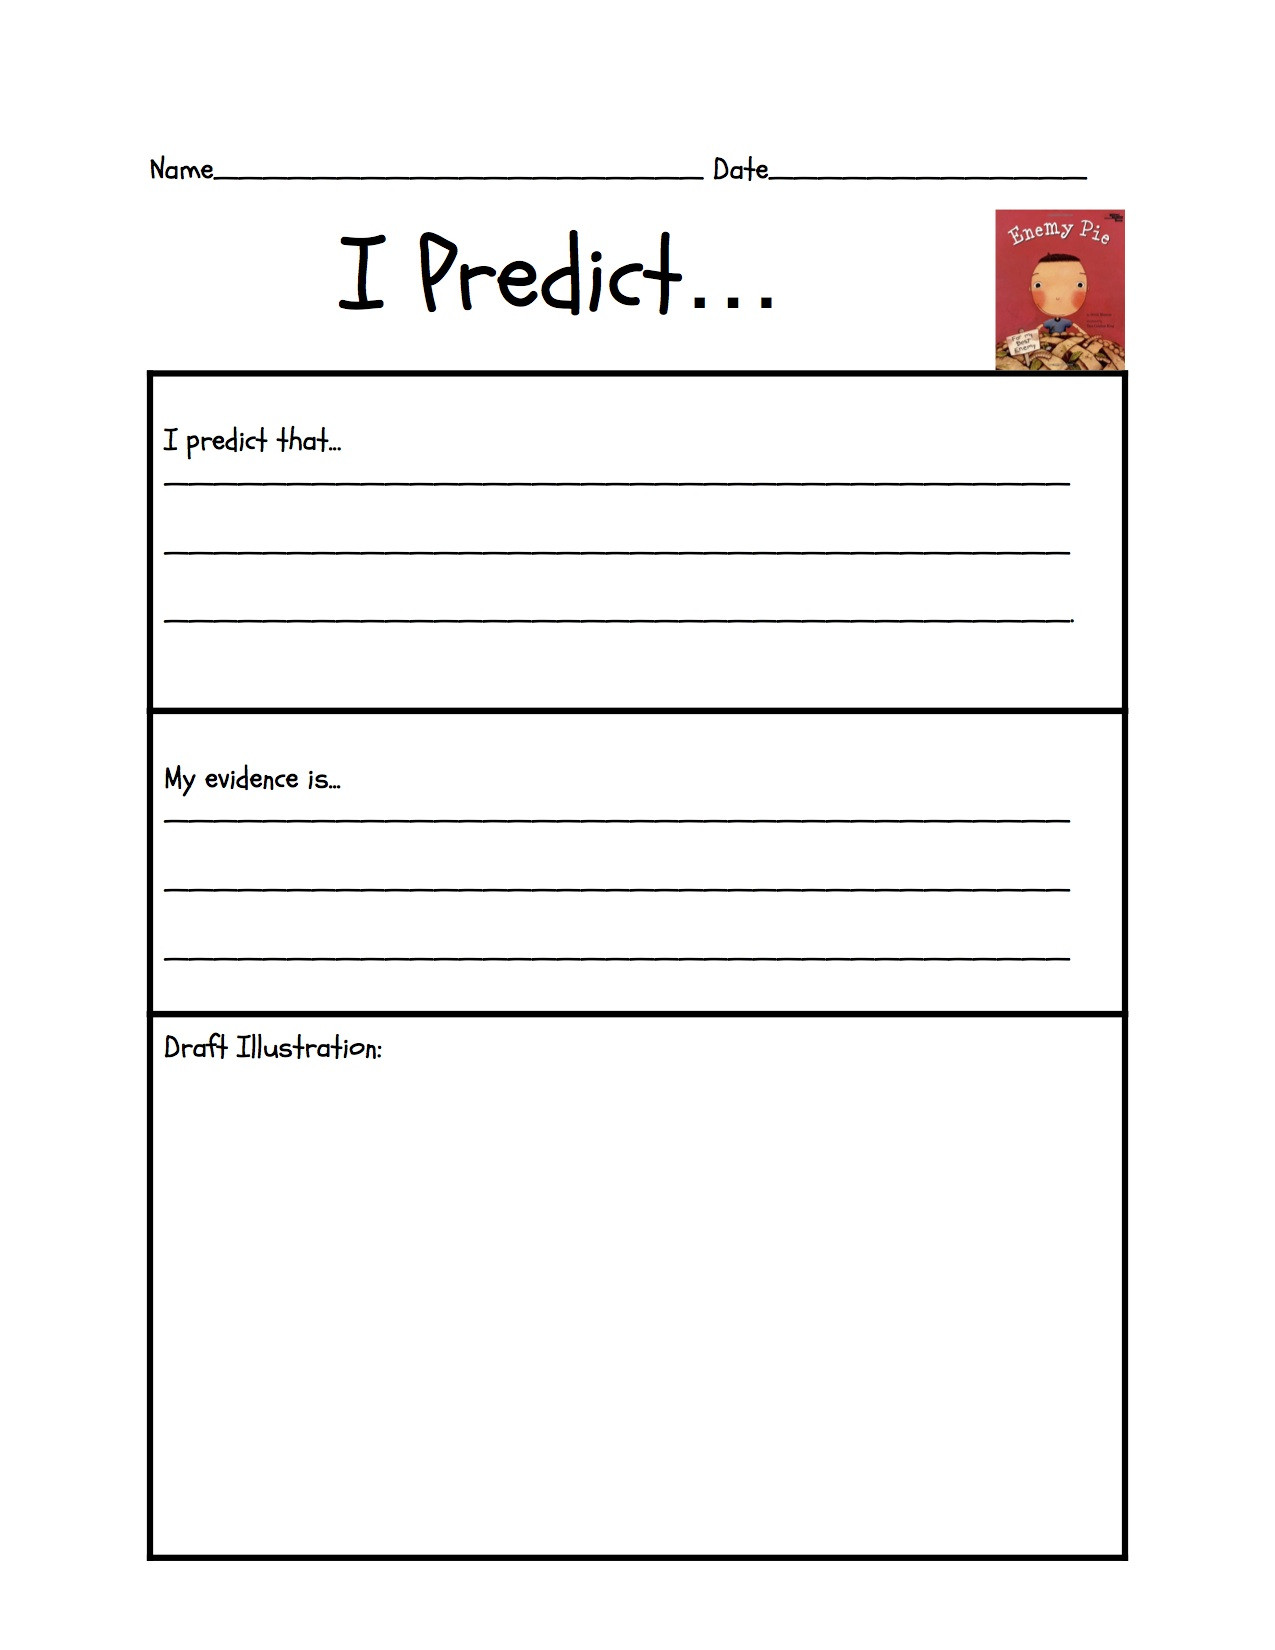 20 Making Predictions Worksheets 3rd Grade